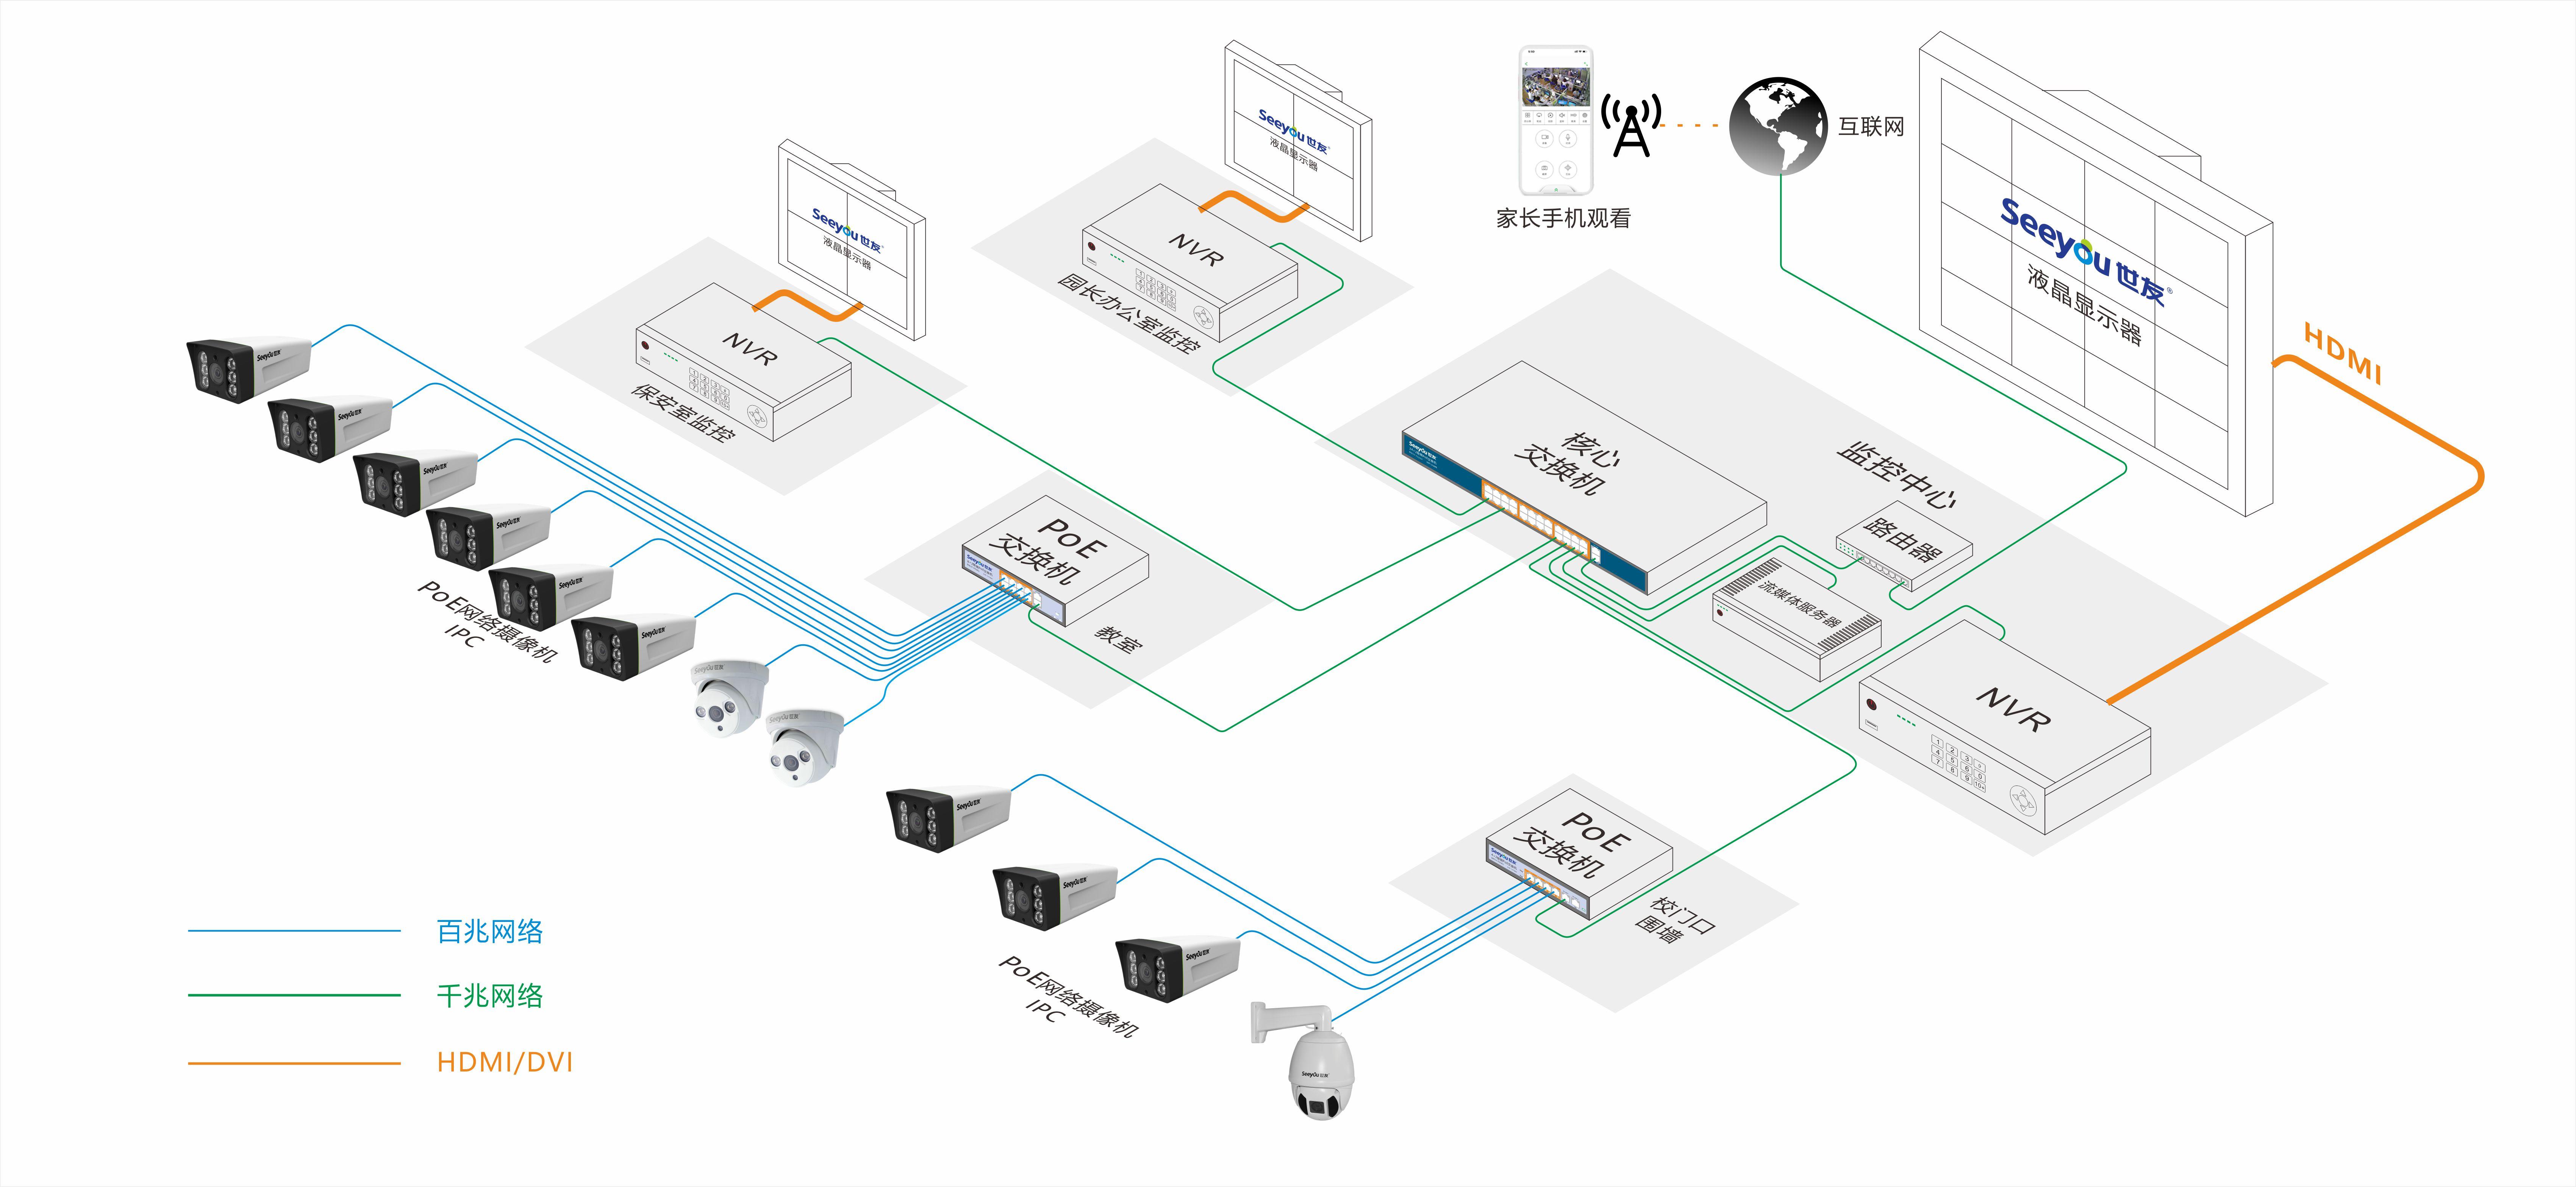 网络监控系统解决方案